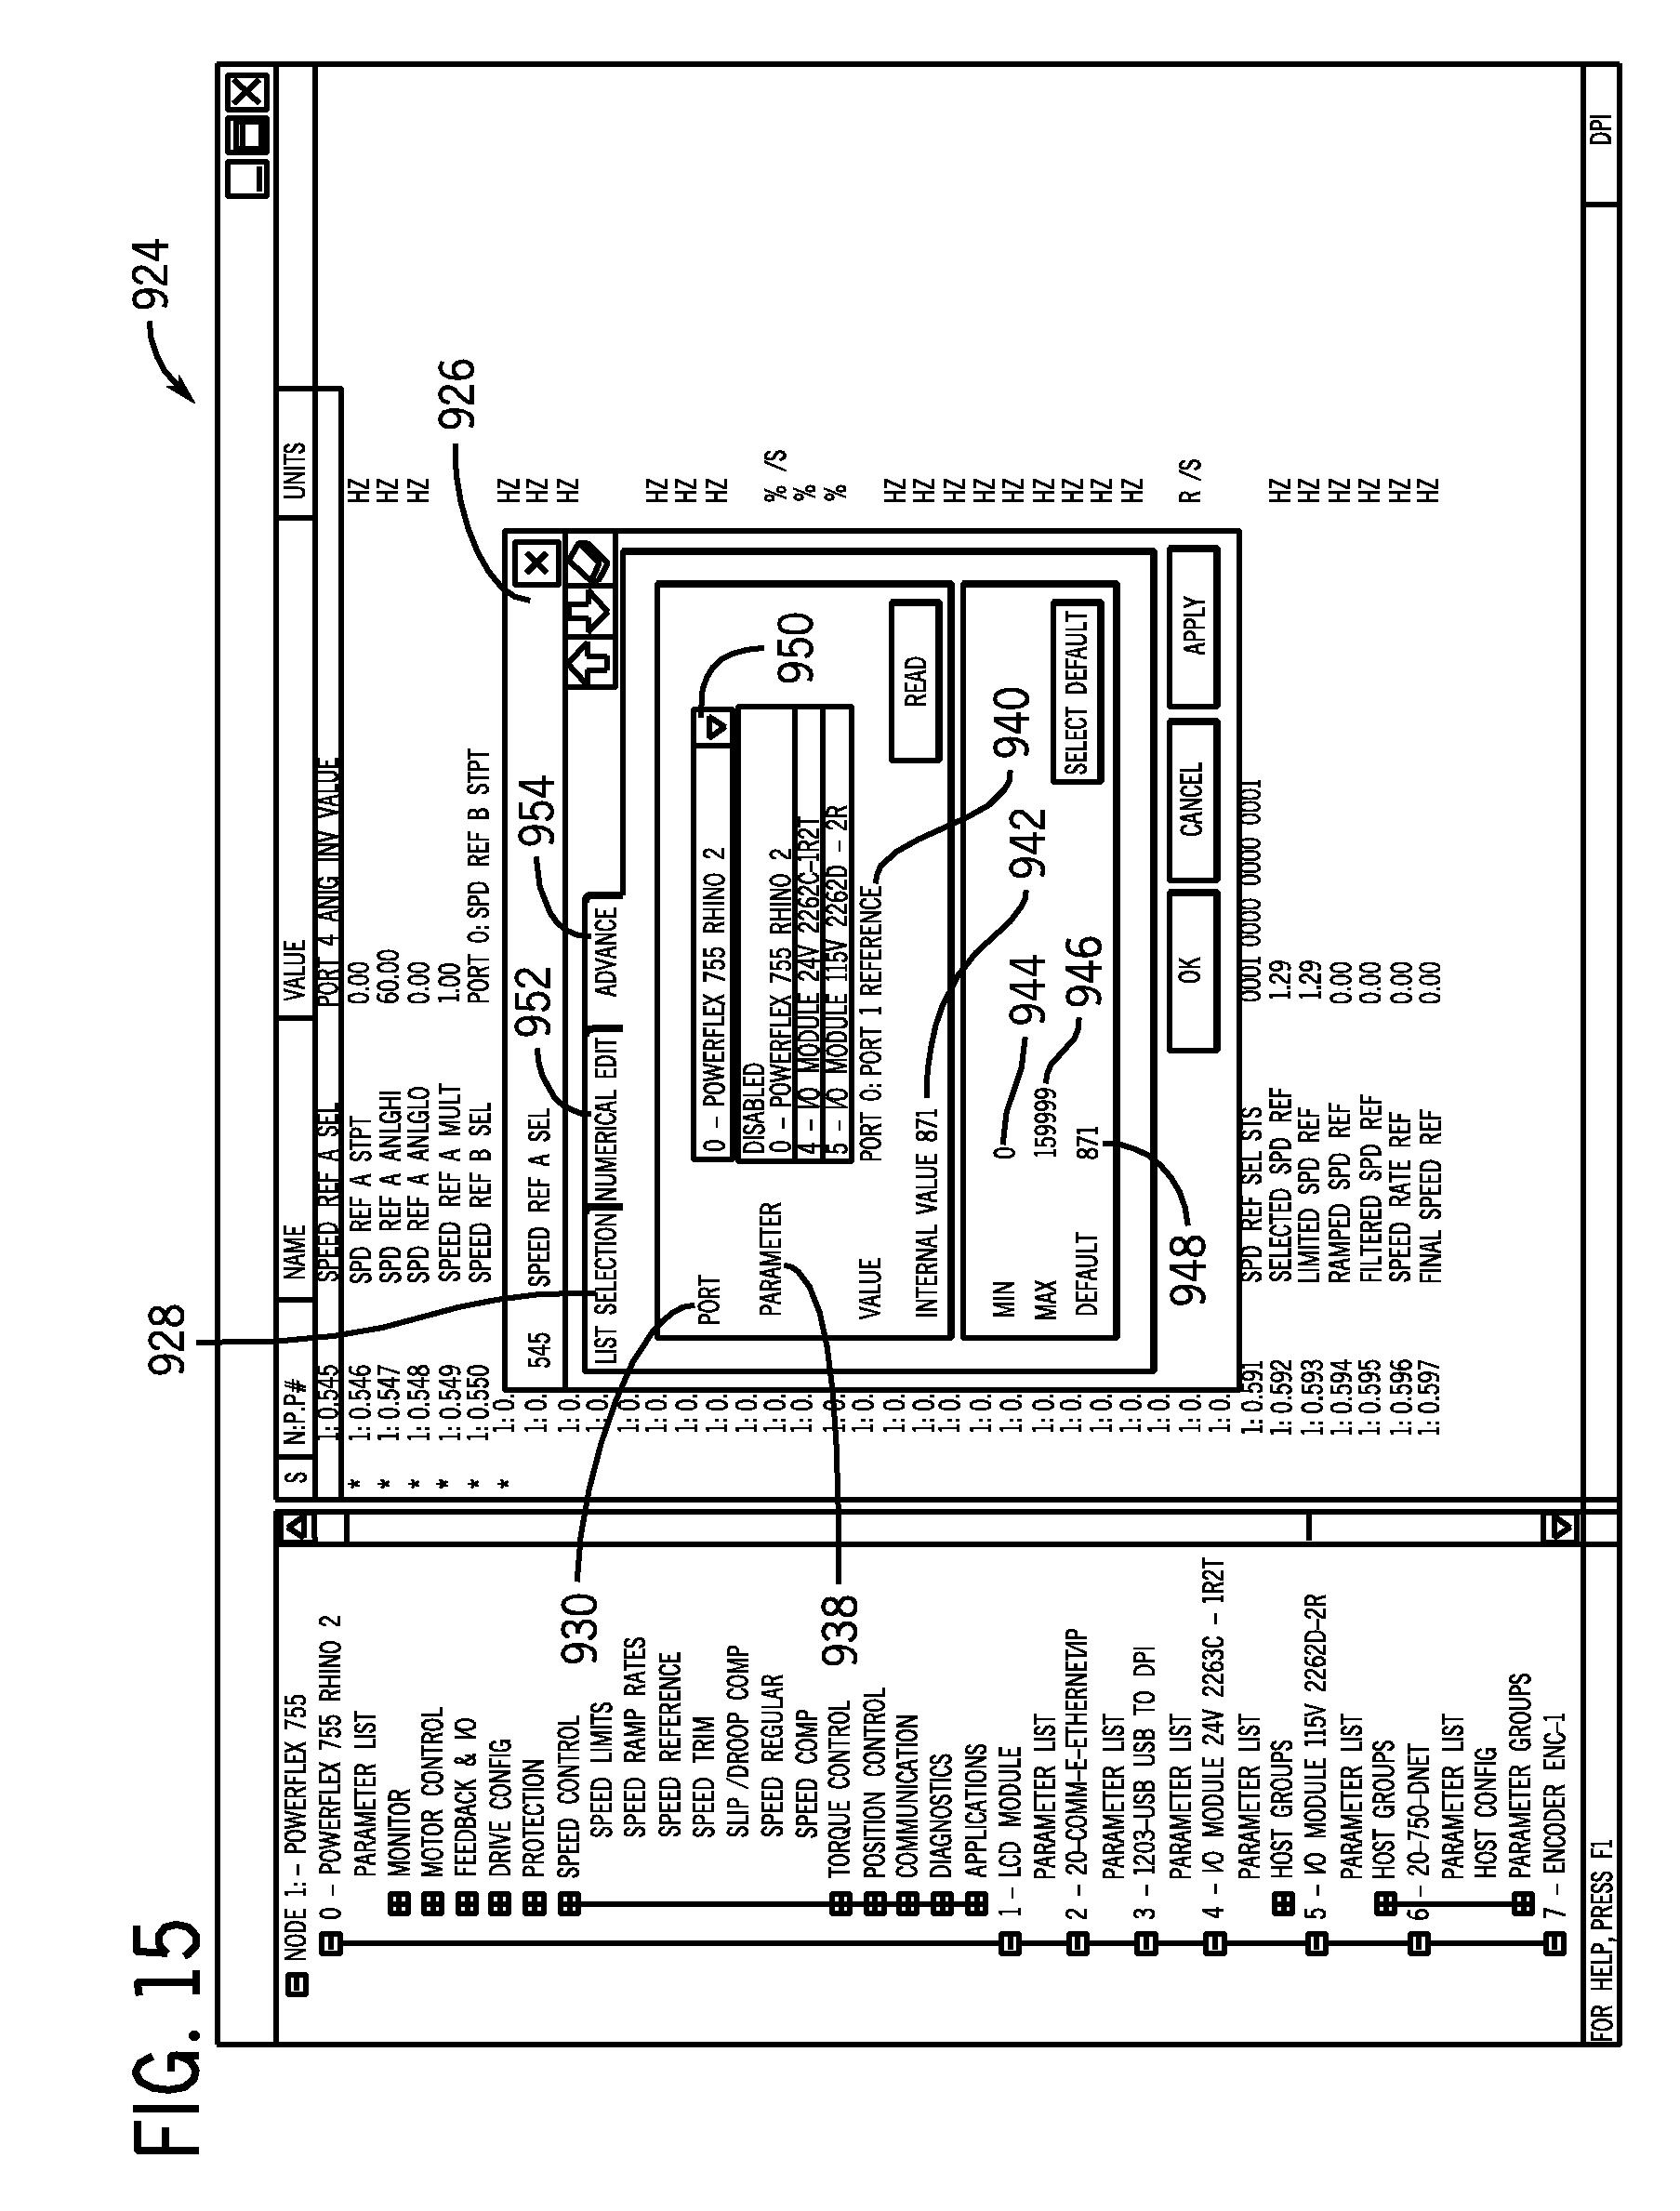 Incredible Powerflex 755 Wiring Diagrams Wiring Diagram Progresif Wiring Cloud Icalpermsplehendilmohammedshrineorg